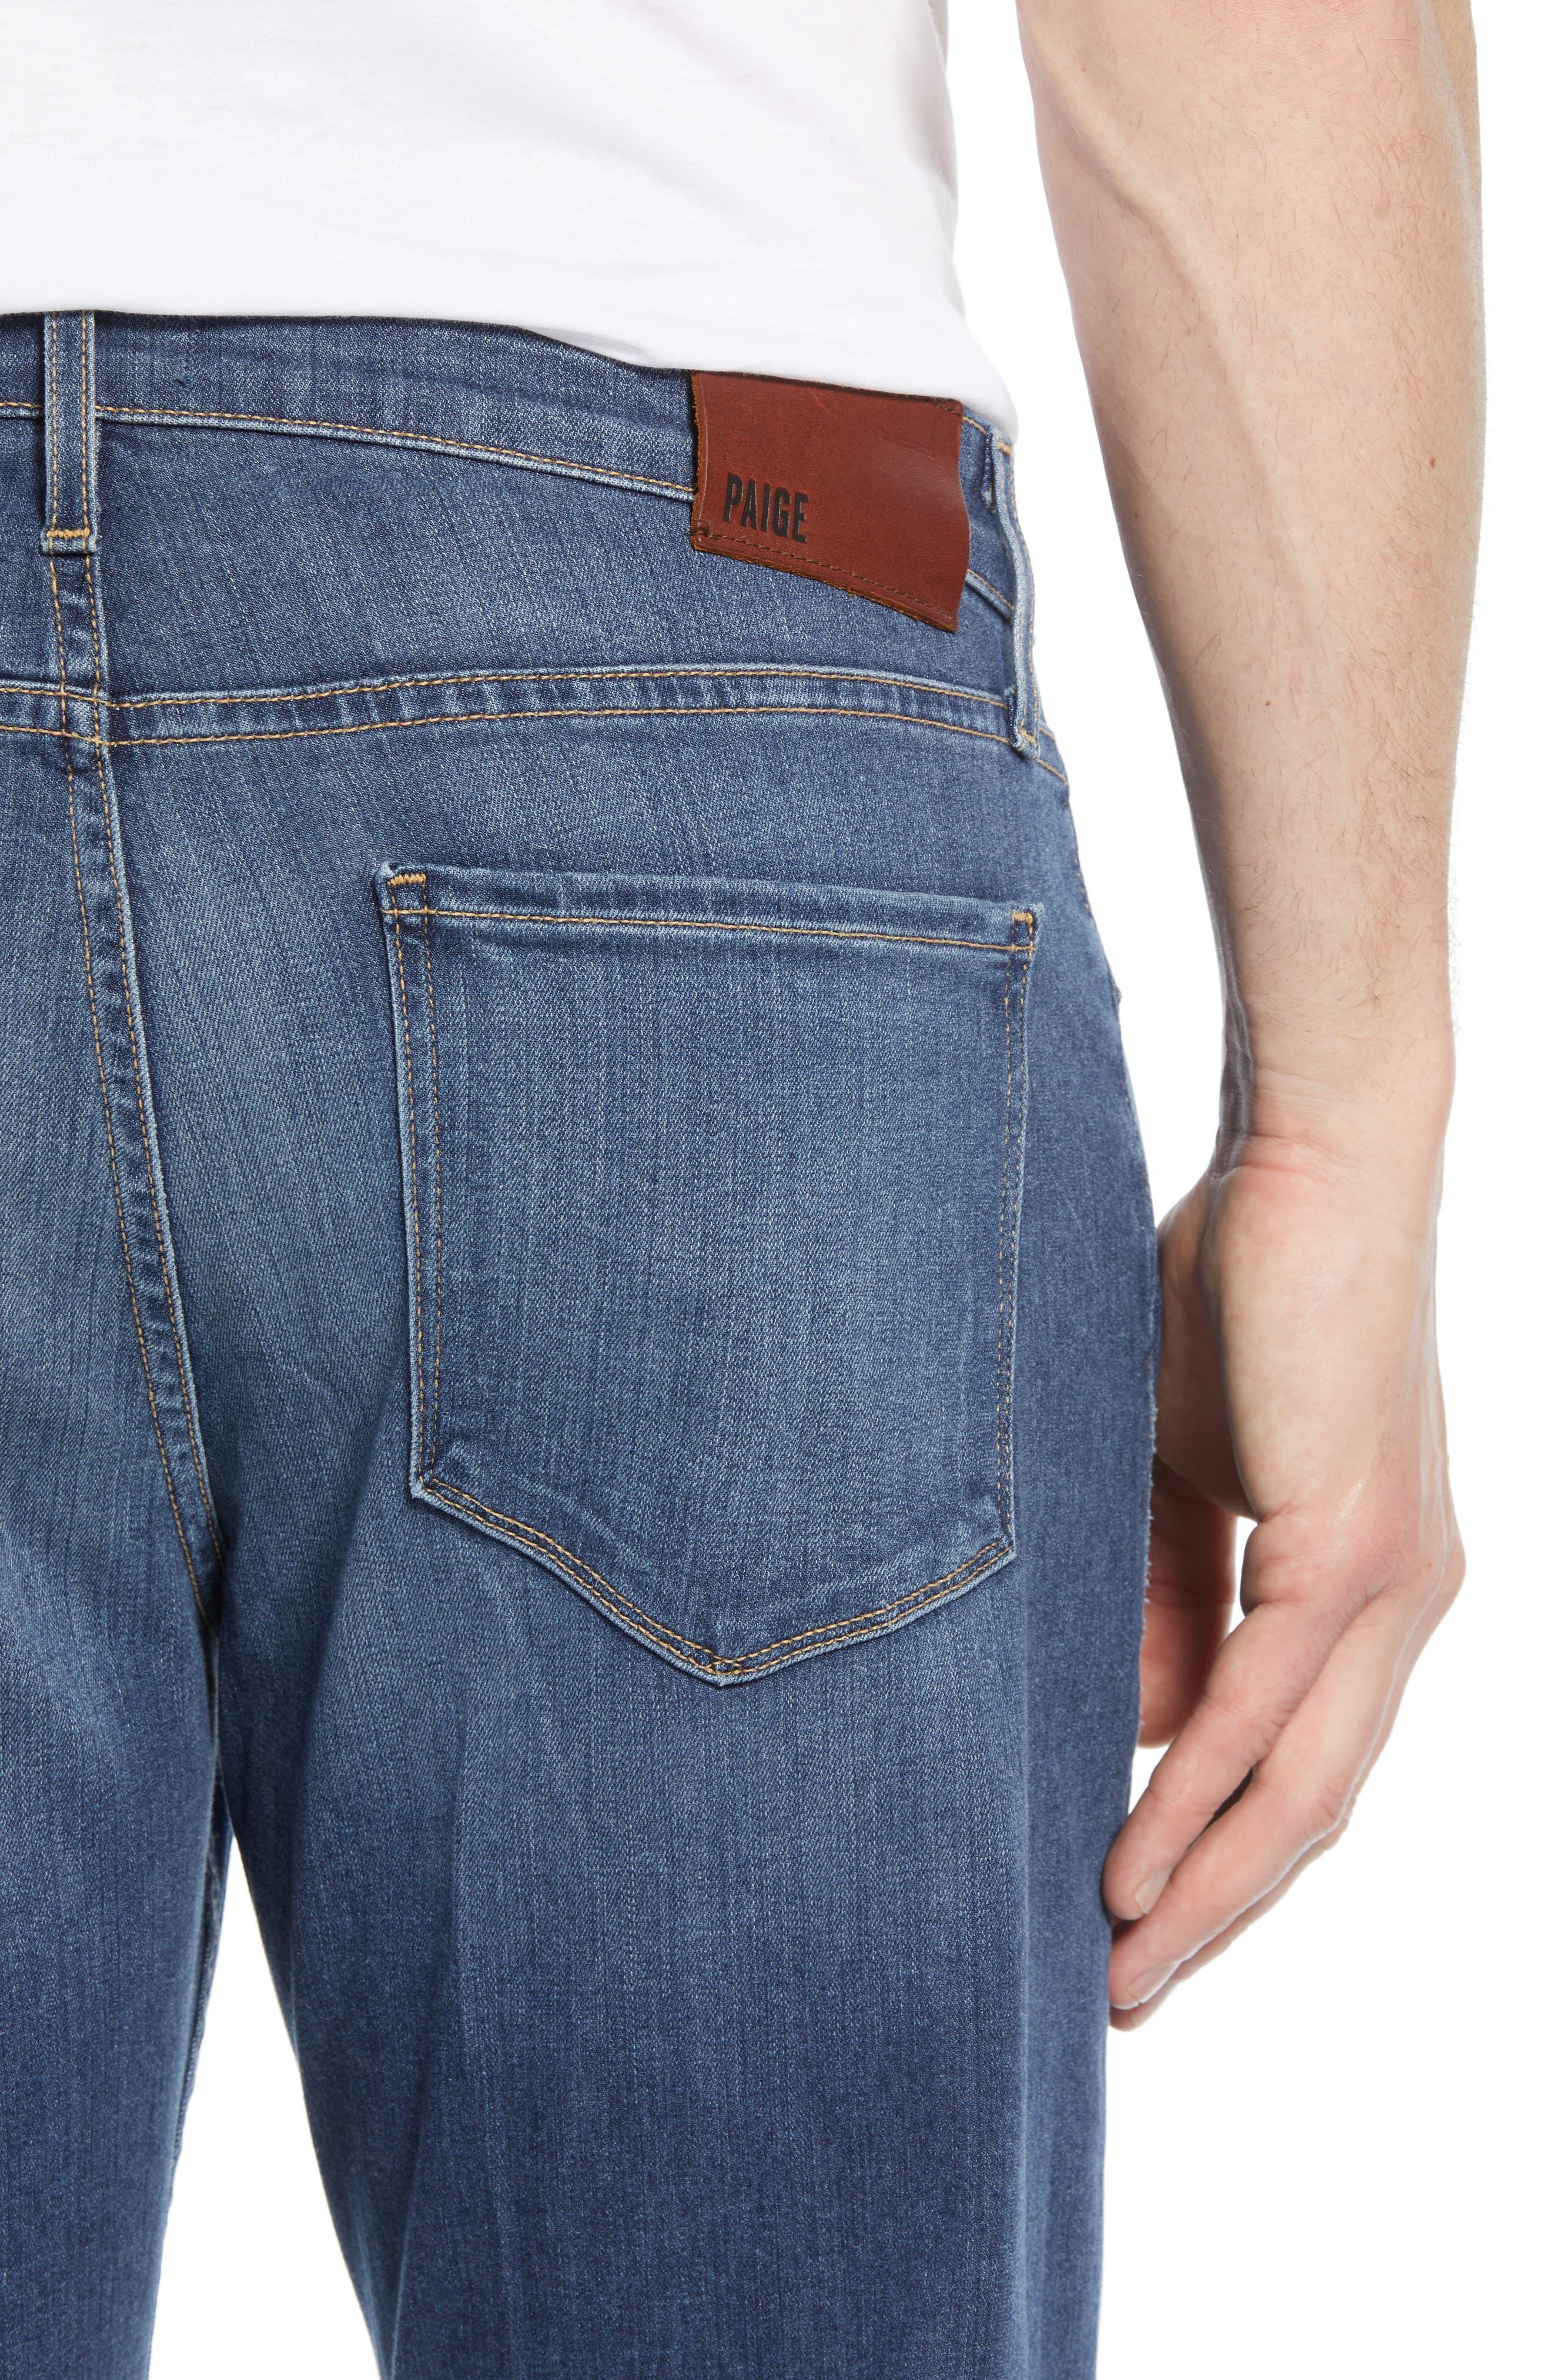 PAIGE, Transcend - Normandie Straight Leg Jeans, Alternate thumbnail 5, color, BIRCH